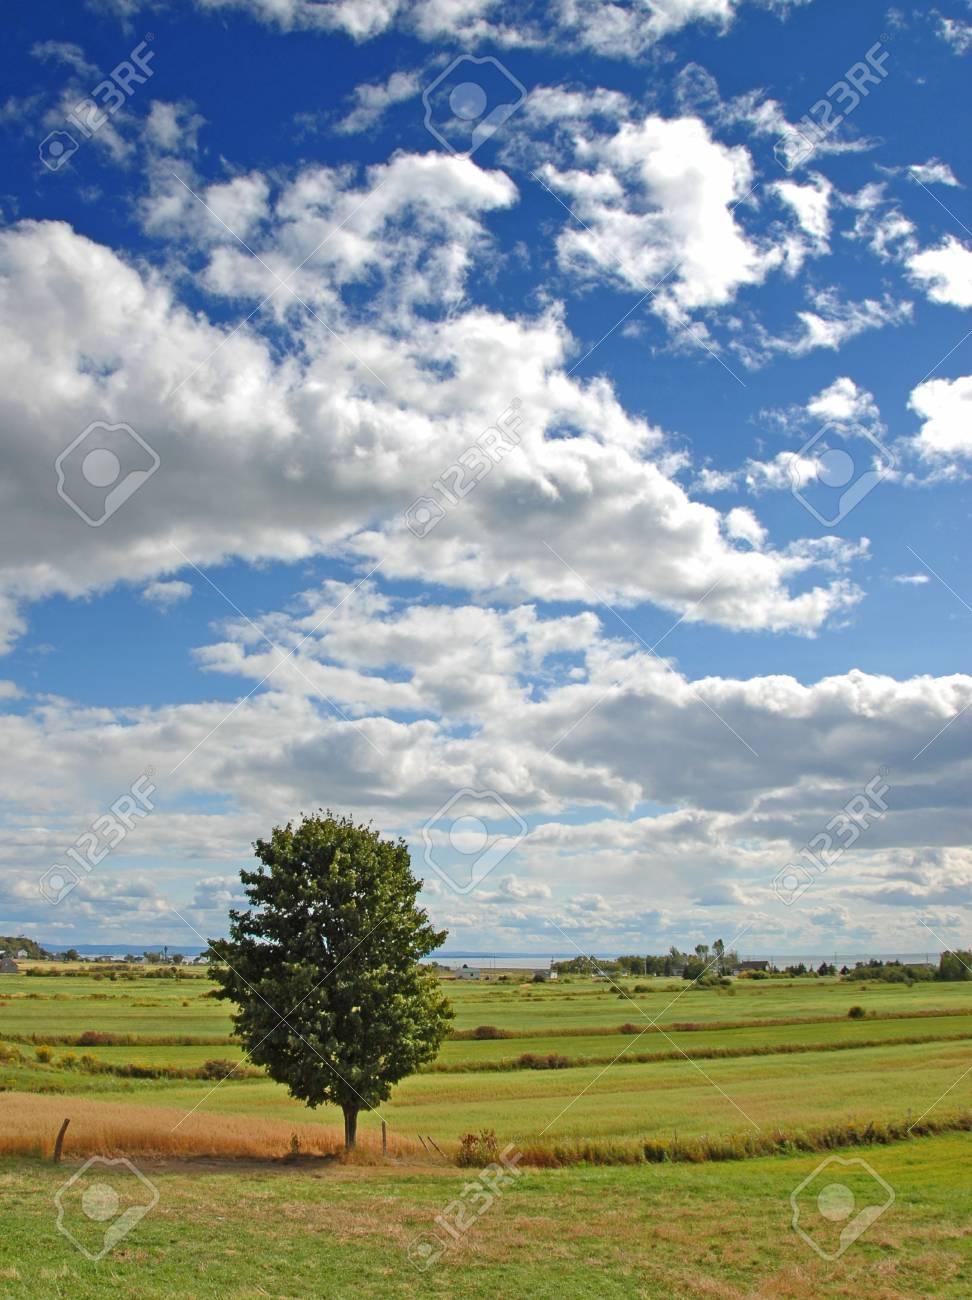 tree in field Stock Photo - 541529